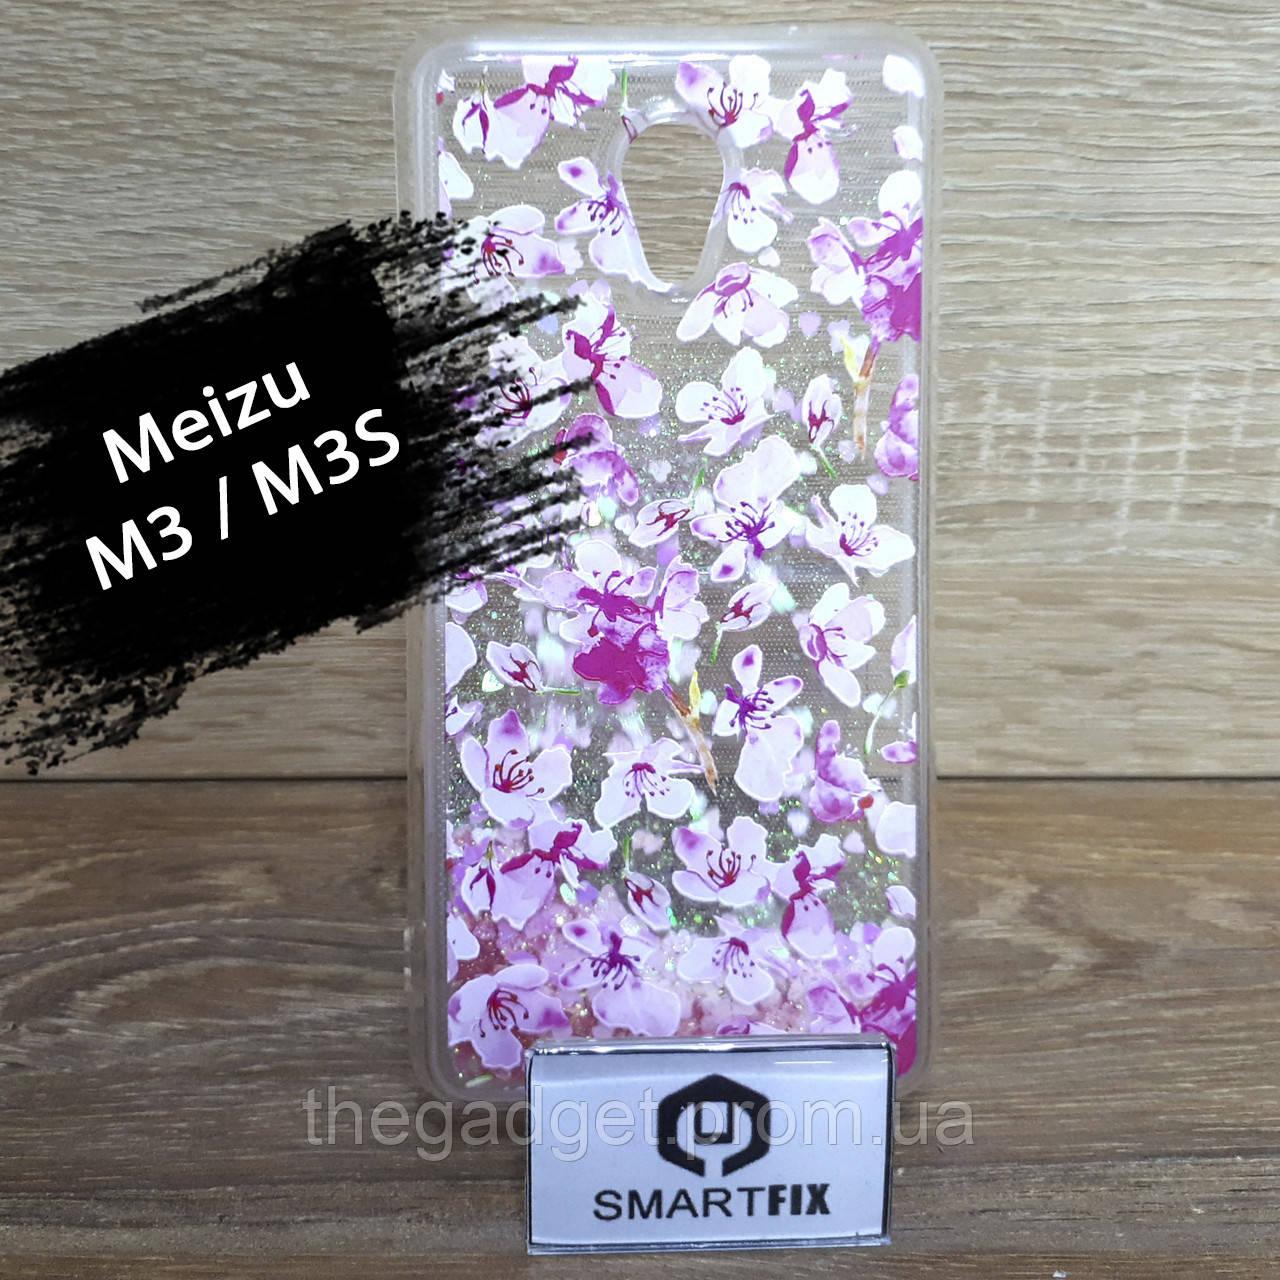 Переливающийся чехол для Meizu M3/M3s